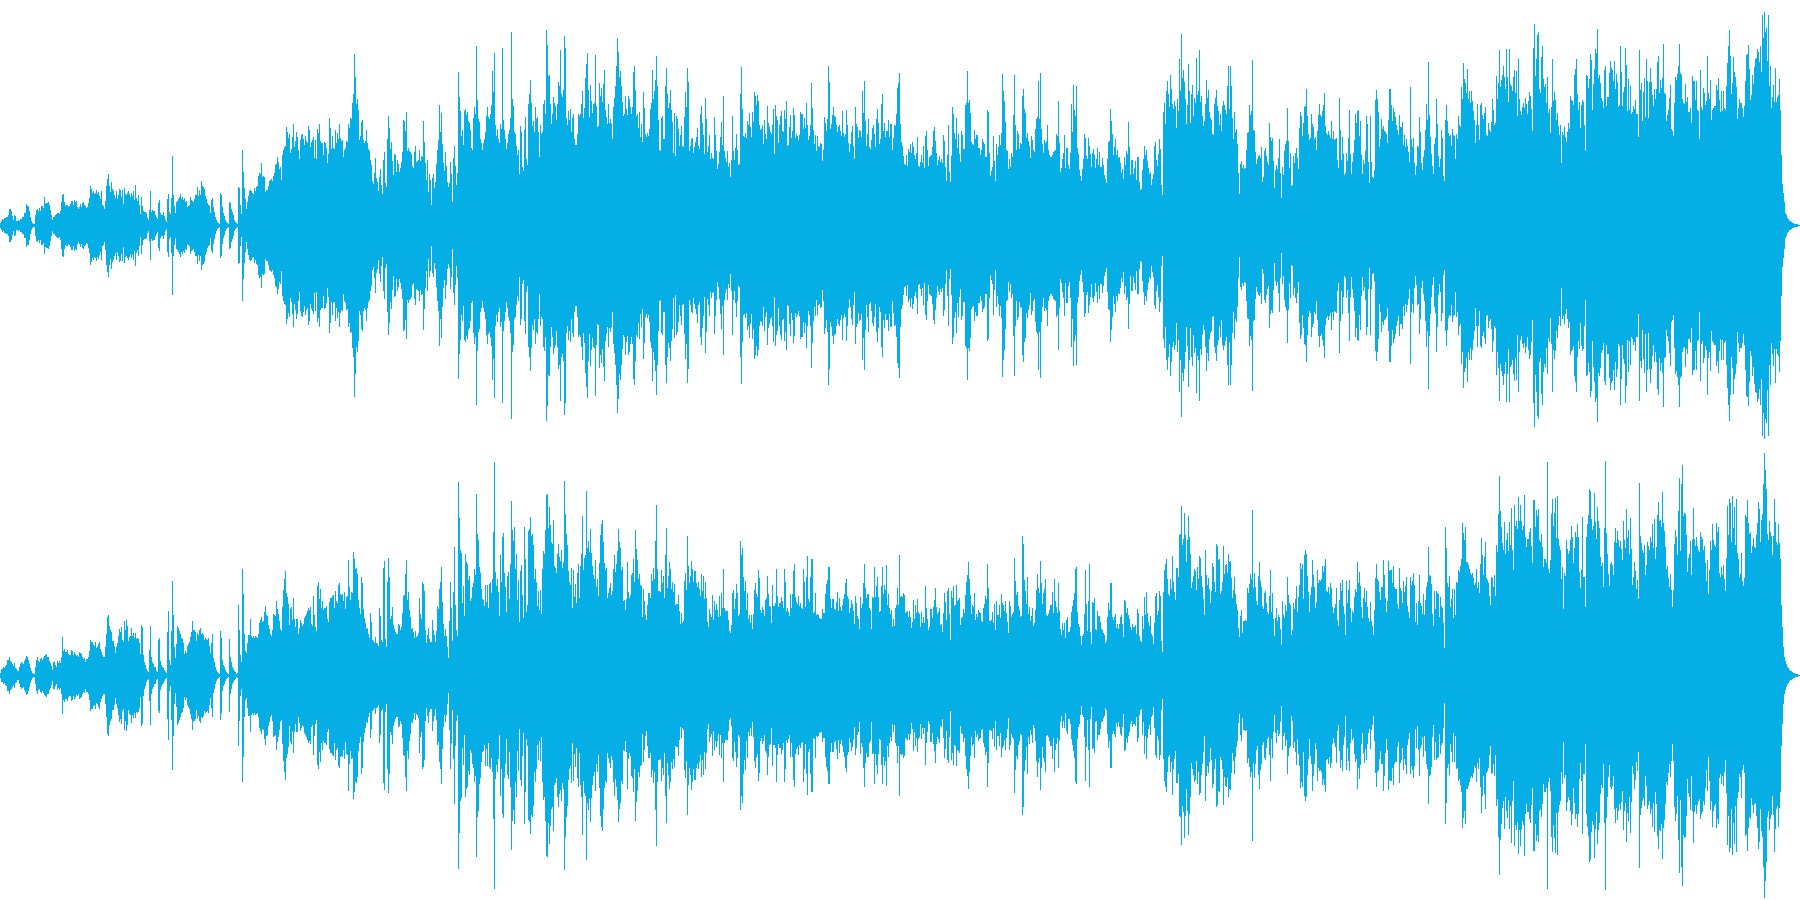 暗い曲想から明るい曲想に展開しています。の再生済みの波形